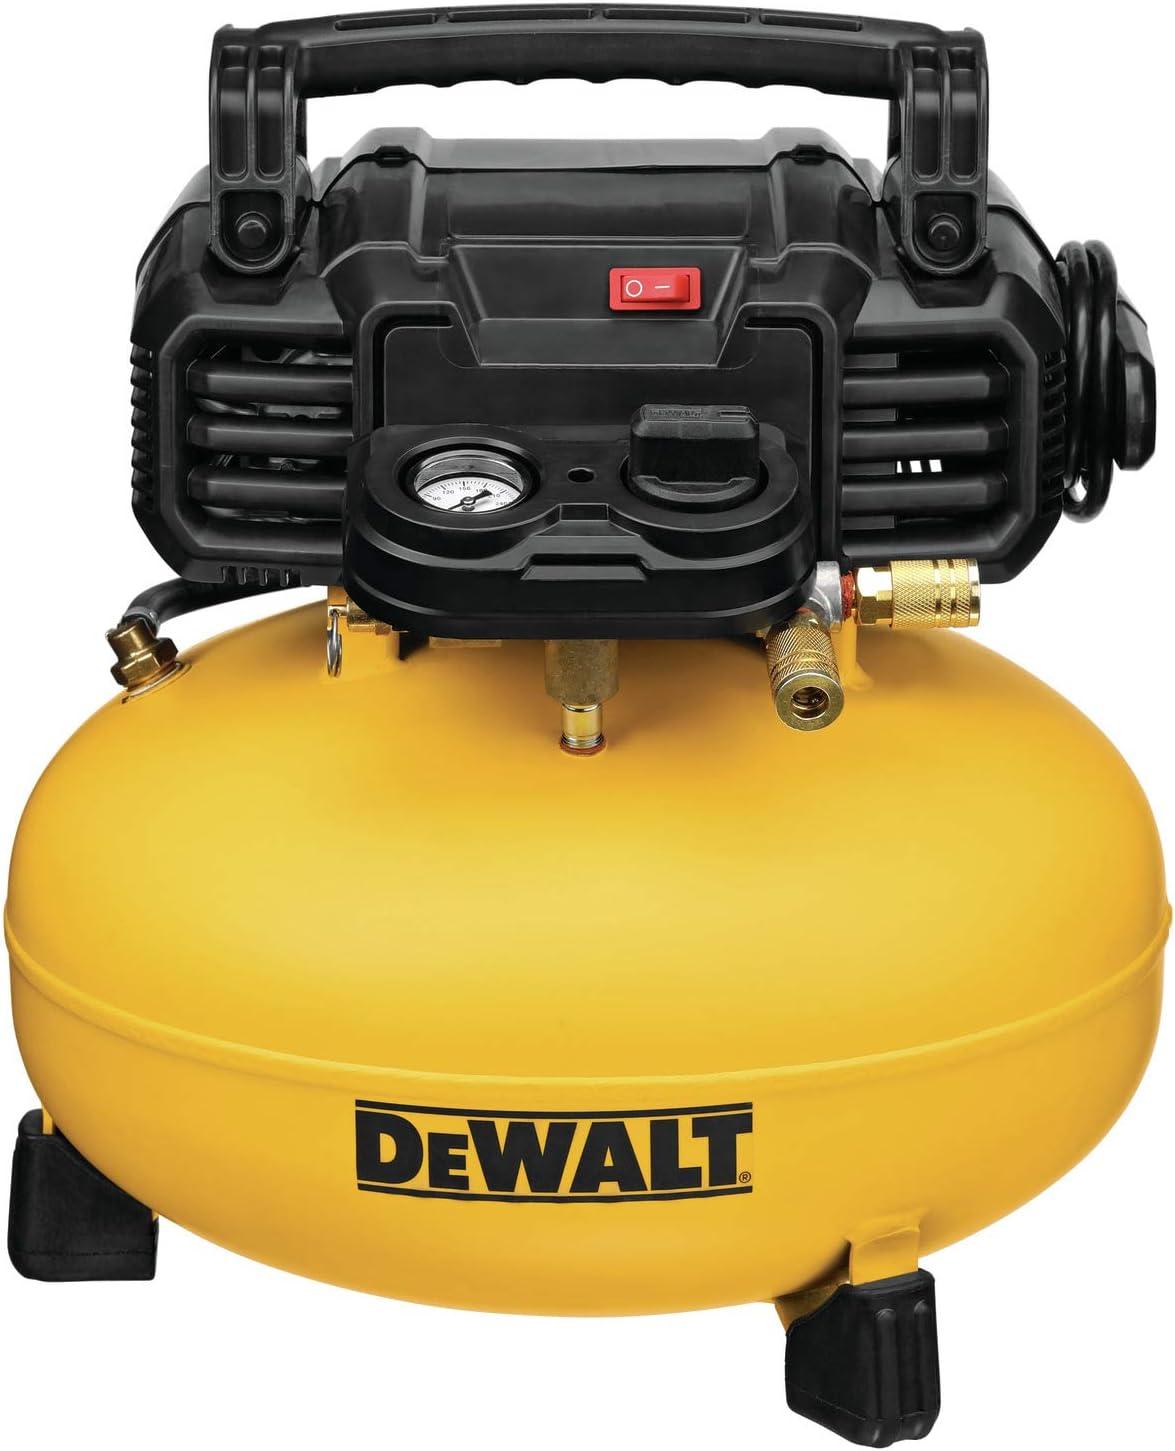 Dewalt DWFP55126 Cordless Air Compressor